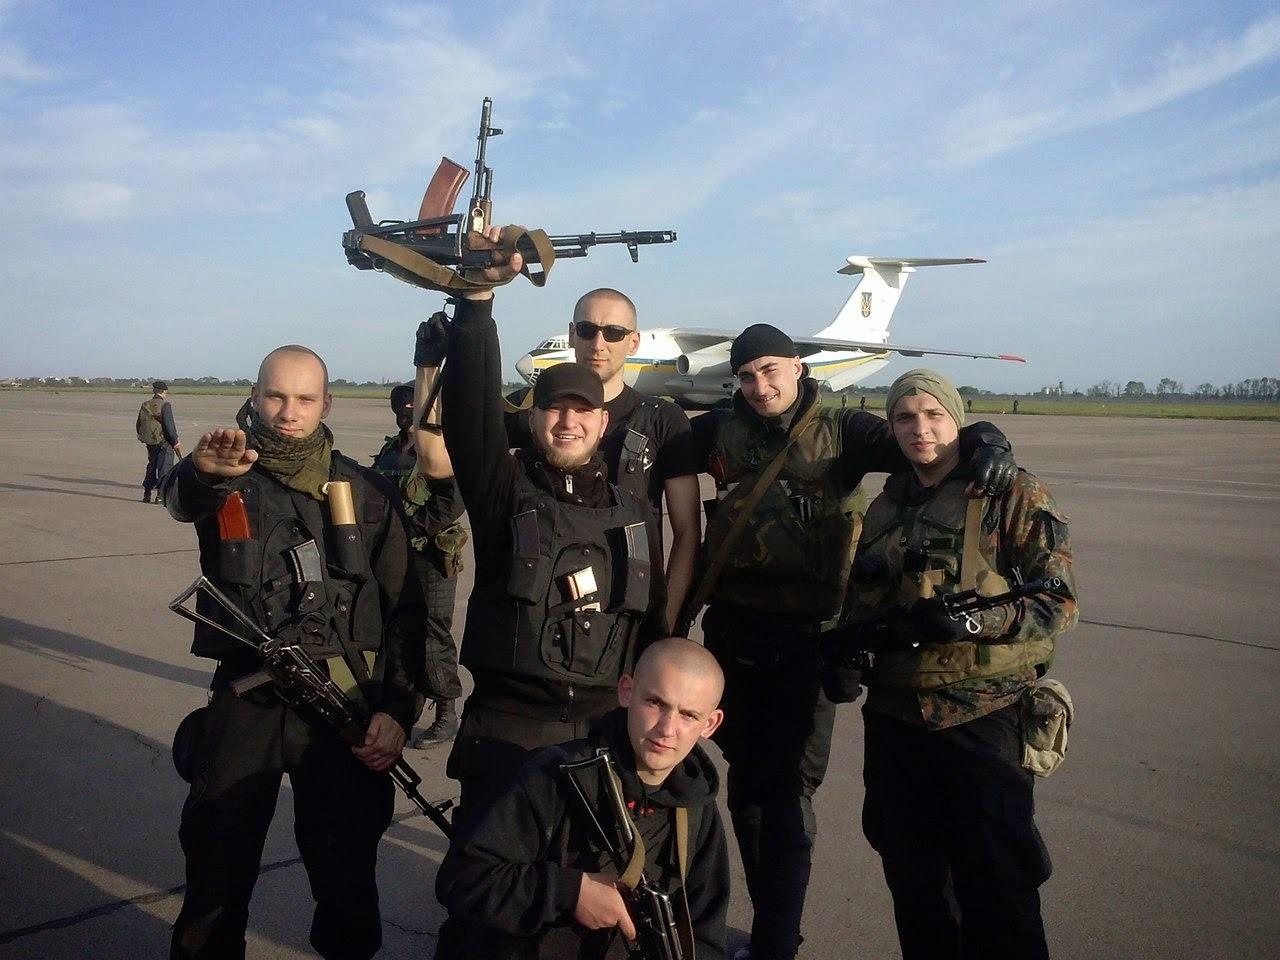 Affrontements en Ukraine : Ce qui est caché par les médias et les partis politiques pro-européens Volontaires-ukraine-16-05-2014